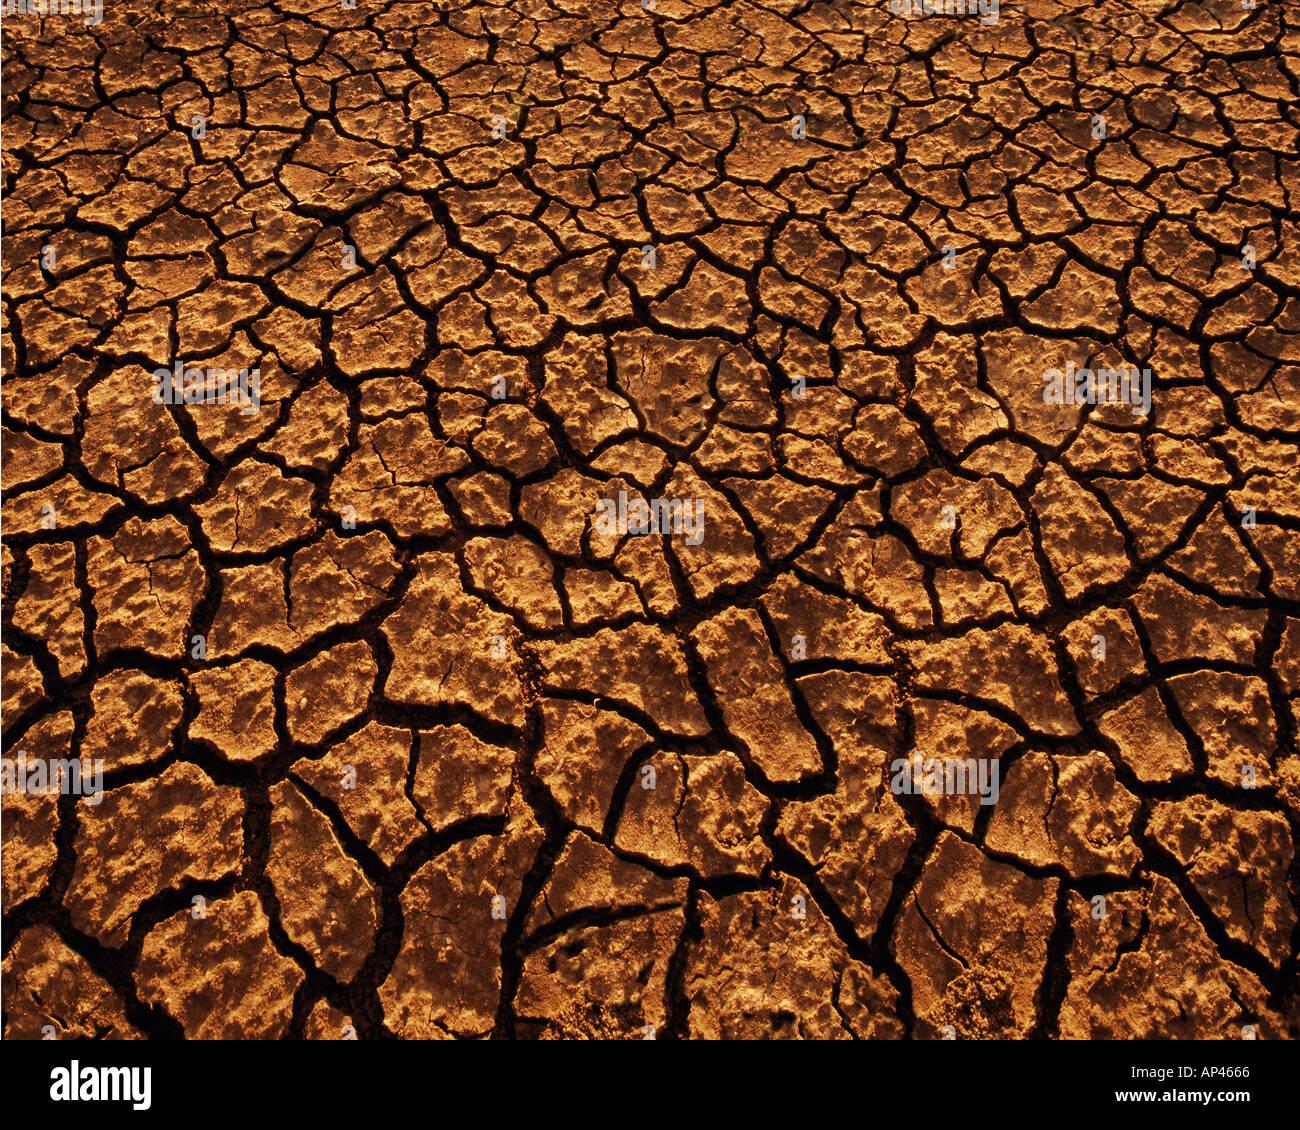 Fondos texturas Imagen De Stock